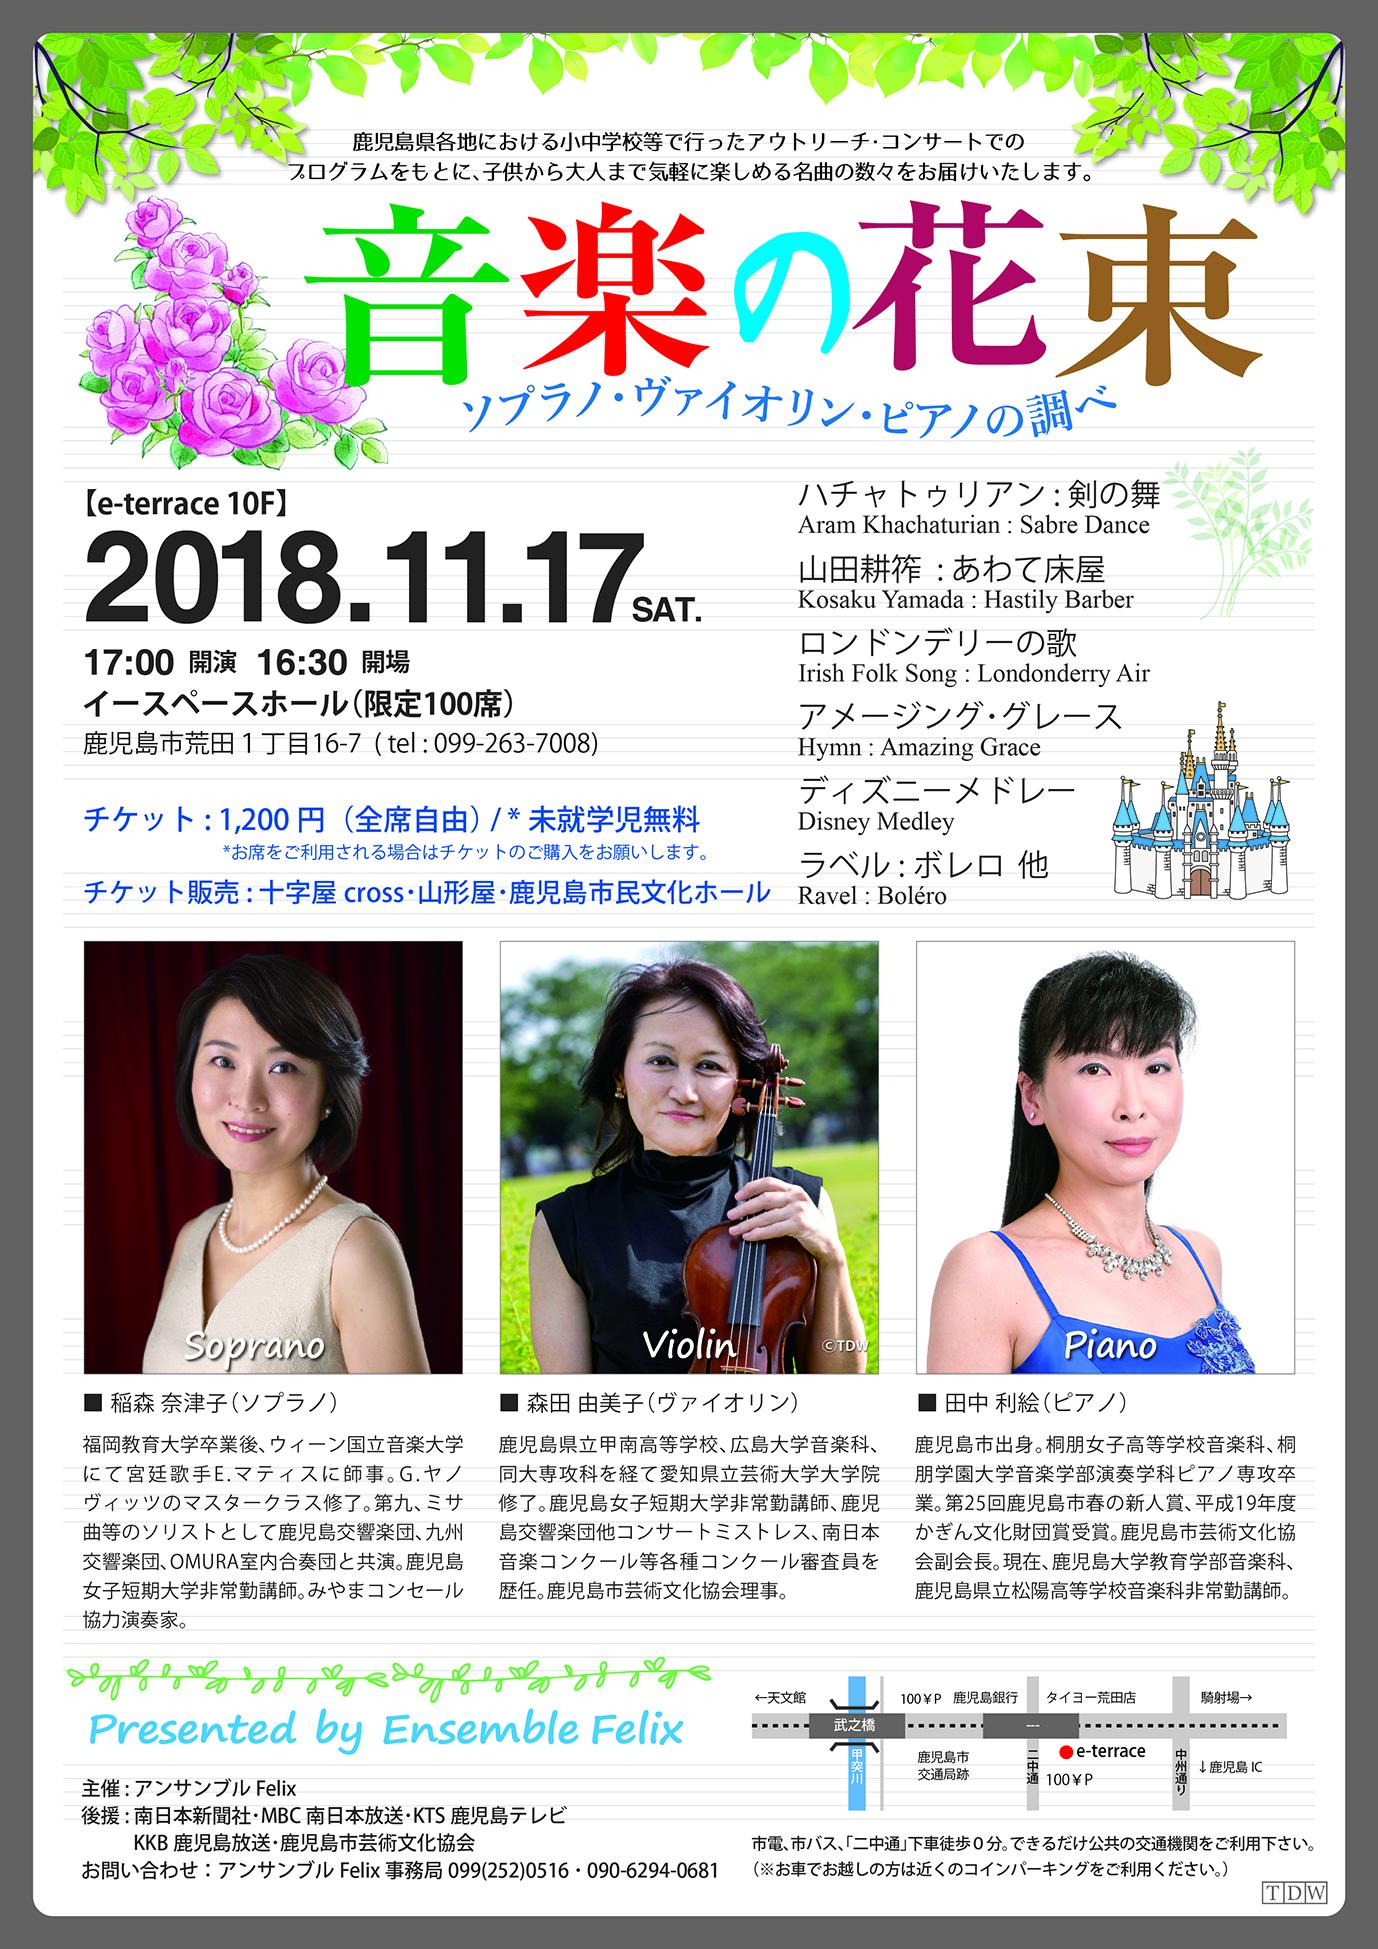 稲森奈津子・森田由美子・田中利絵「音楽の花束」ソプラノ・ヴァイオリン・ピアノの調べ